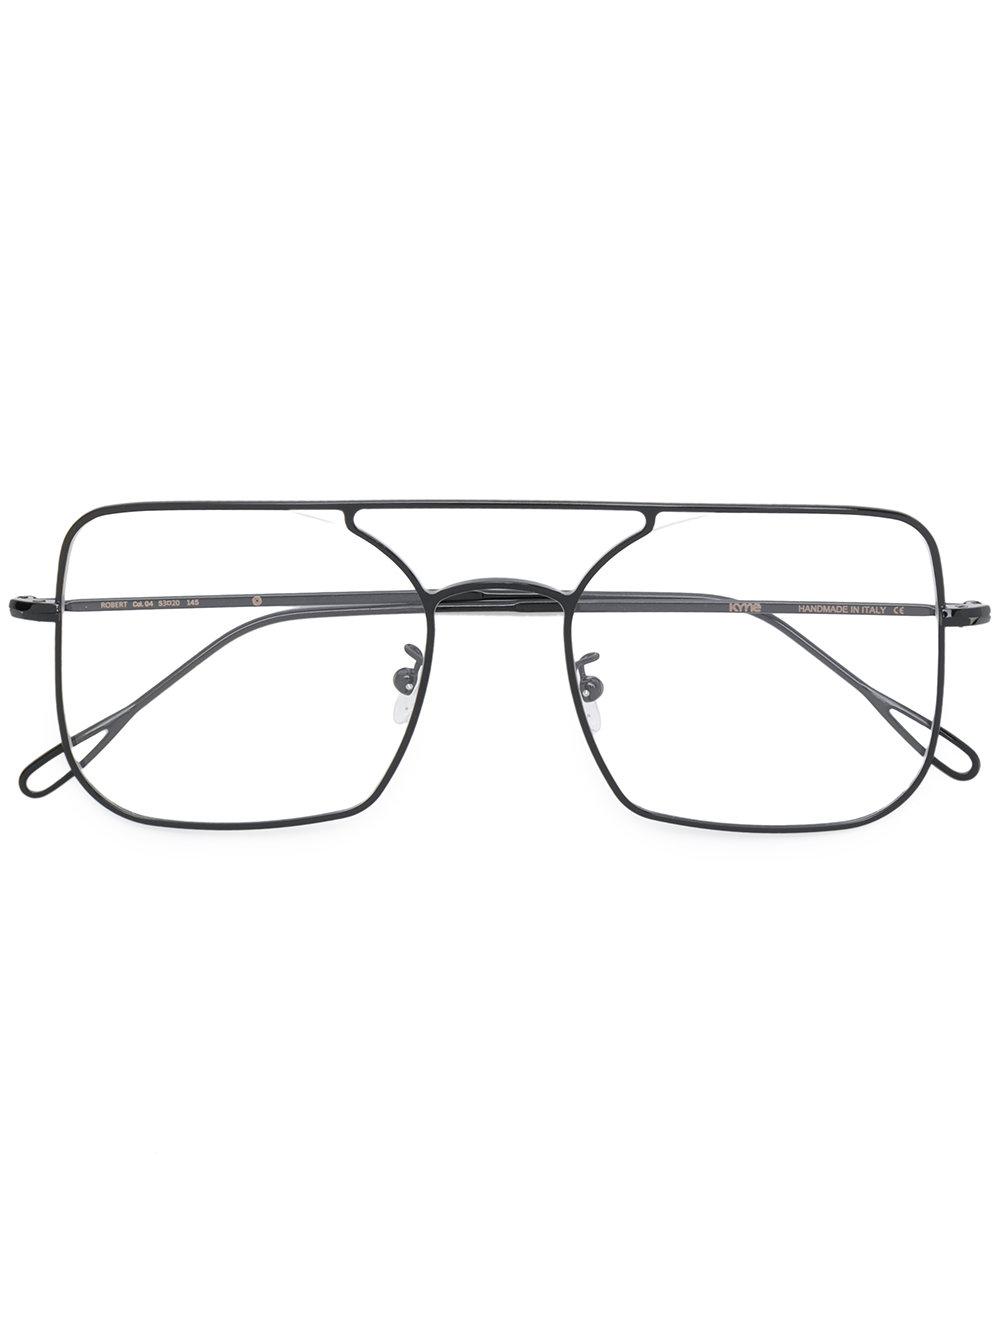 8 kyme le specs designer eyeglasses online eyeglasses brands list buy optical prescription frames 1 Jacques Marie Mage face a face oliver peoples